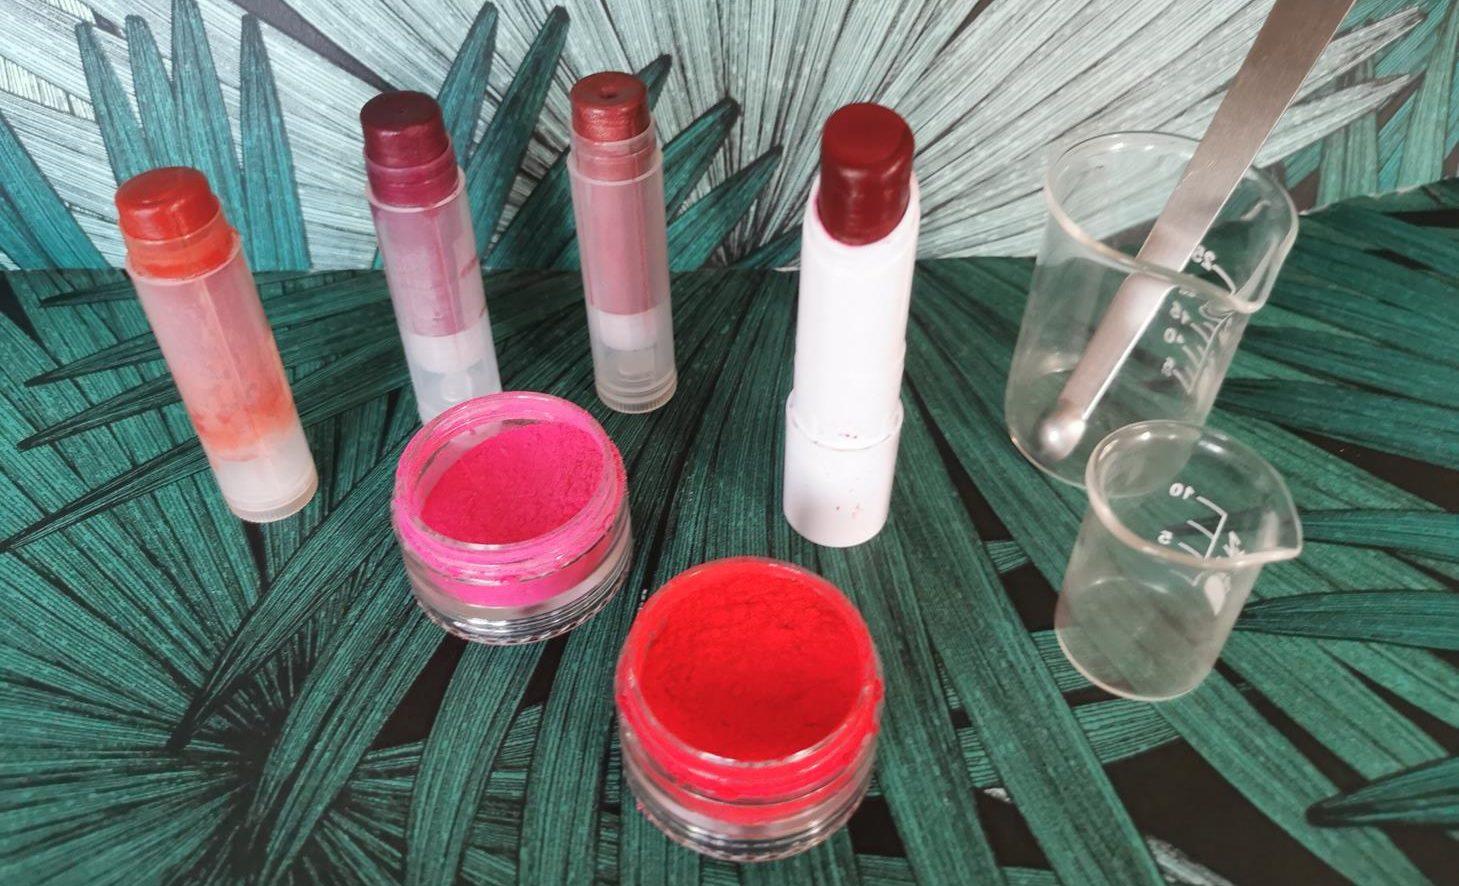 Atelier cosmétique maquillage - rouge à lèvres - Le Grimoire de Sandrine